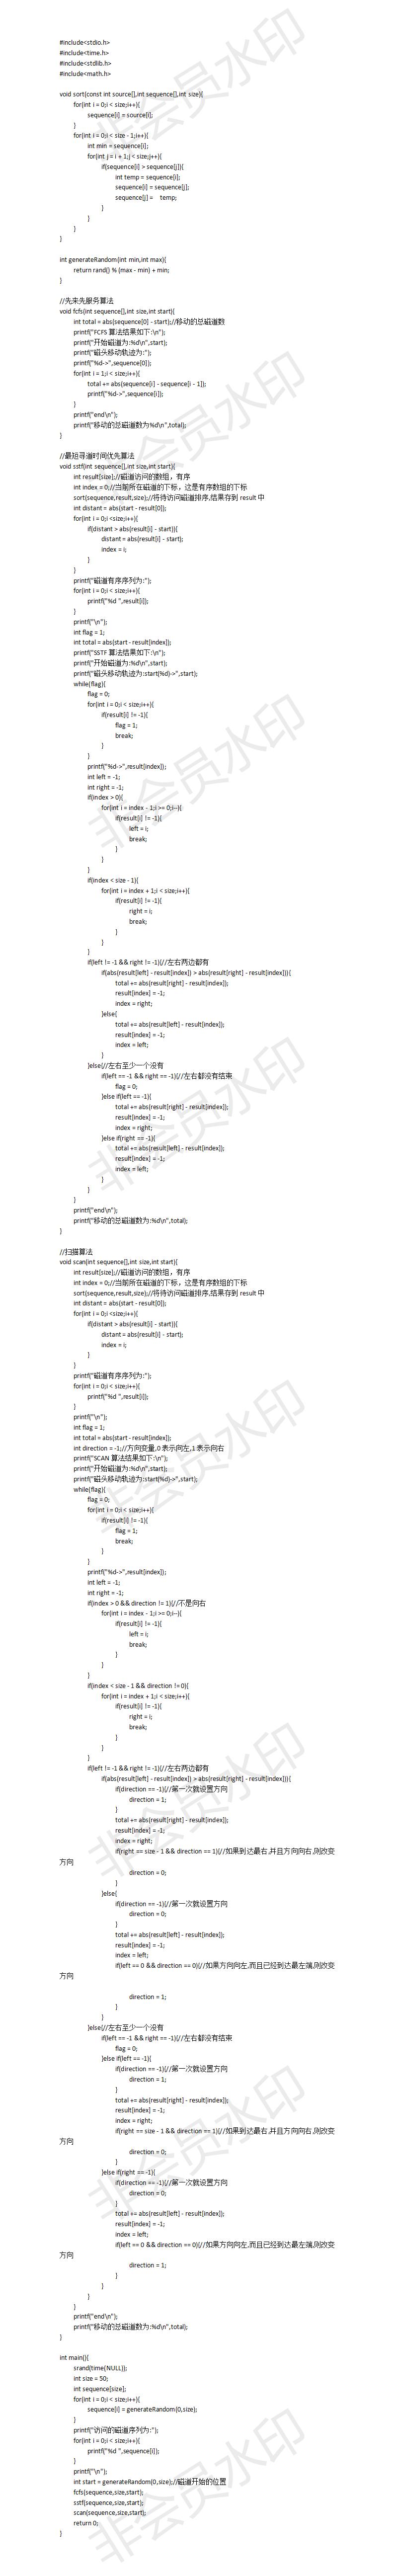 2019广州大学操作系统实验五